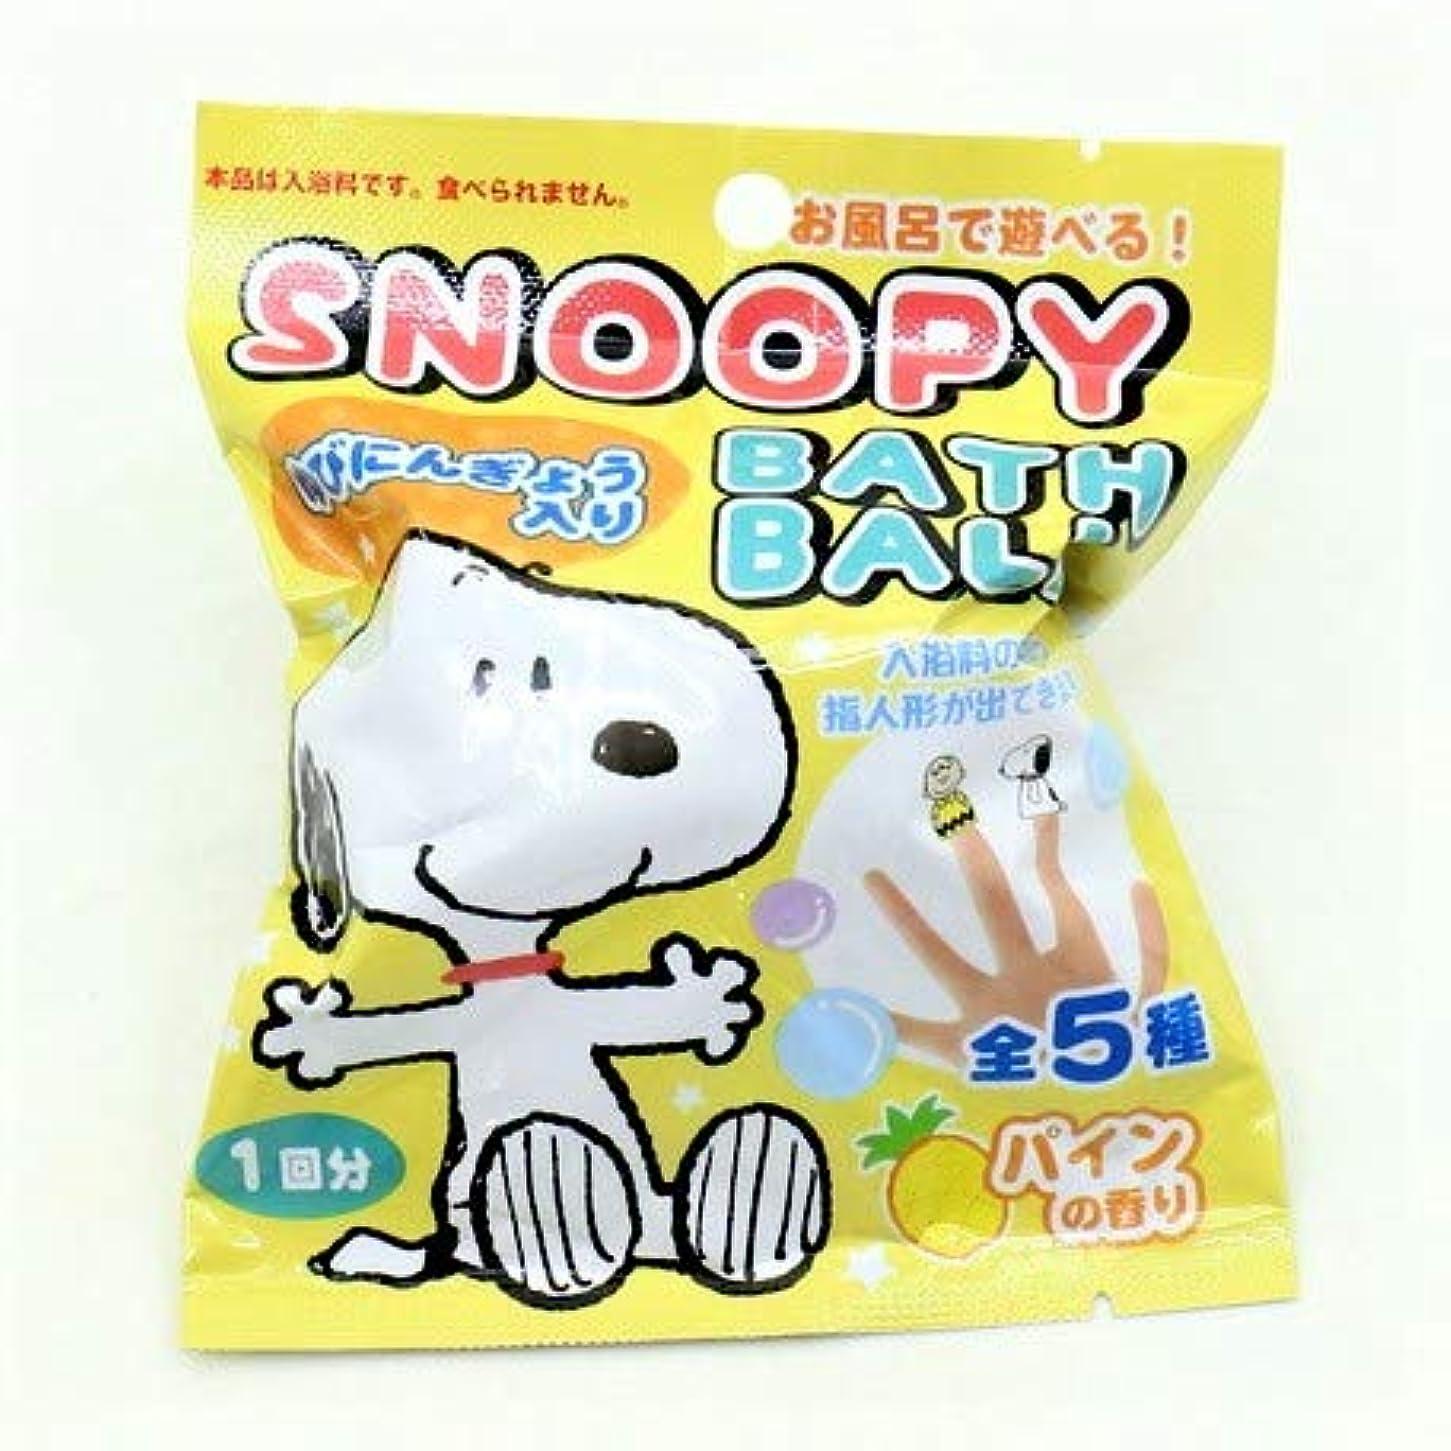 厳異常タクシースヌーピー バスボール 入浴剤 パインの香り 6個1セット 指人形 Snoopy